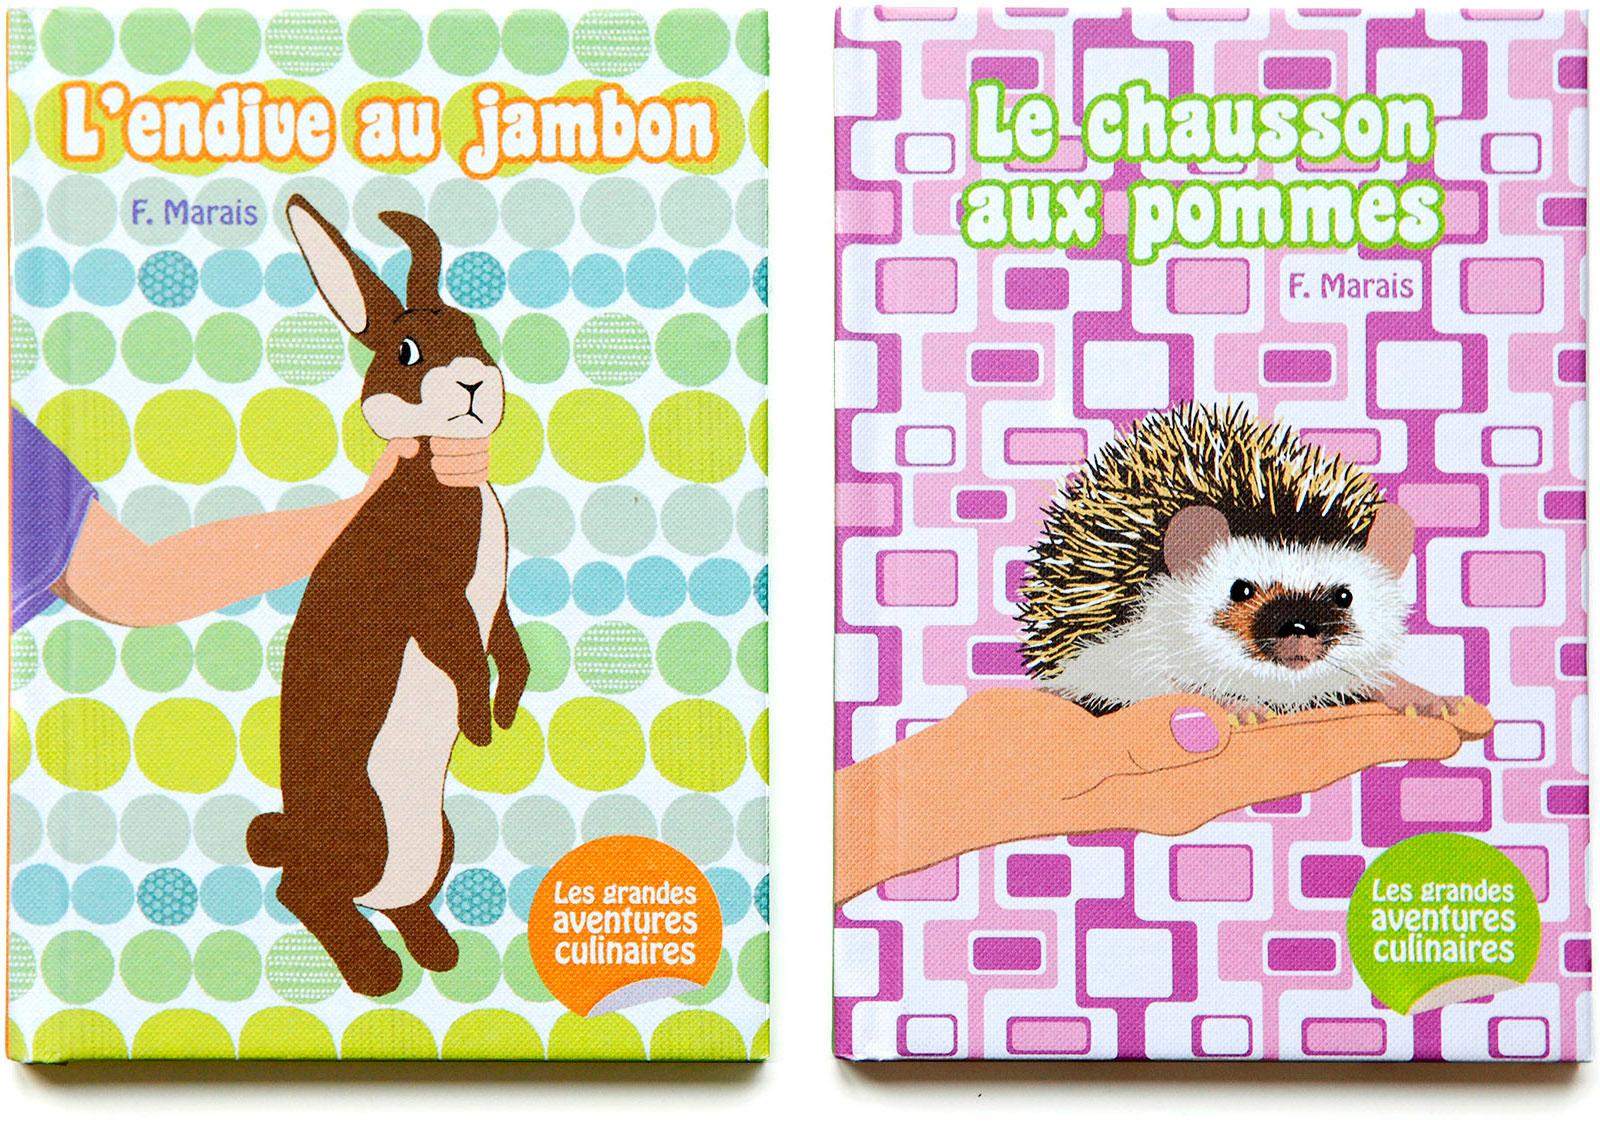 L-endive-au-jambon-et-Le-chausson-aux-pommes-Frederic-Marais